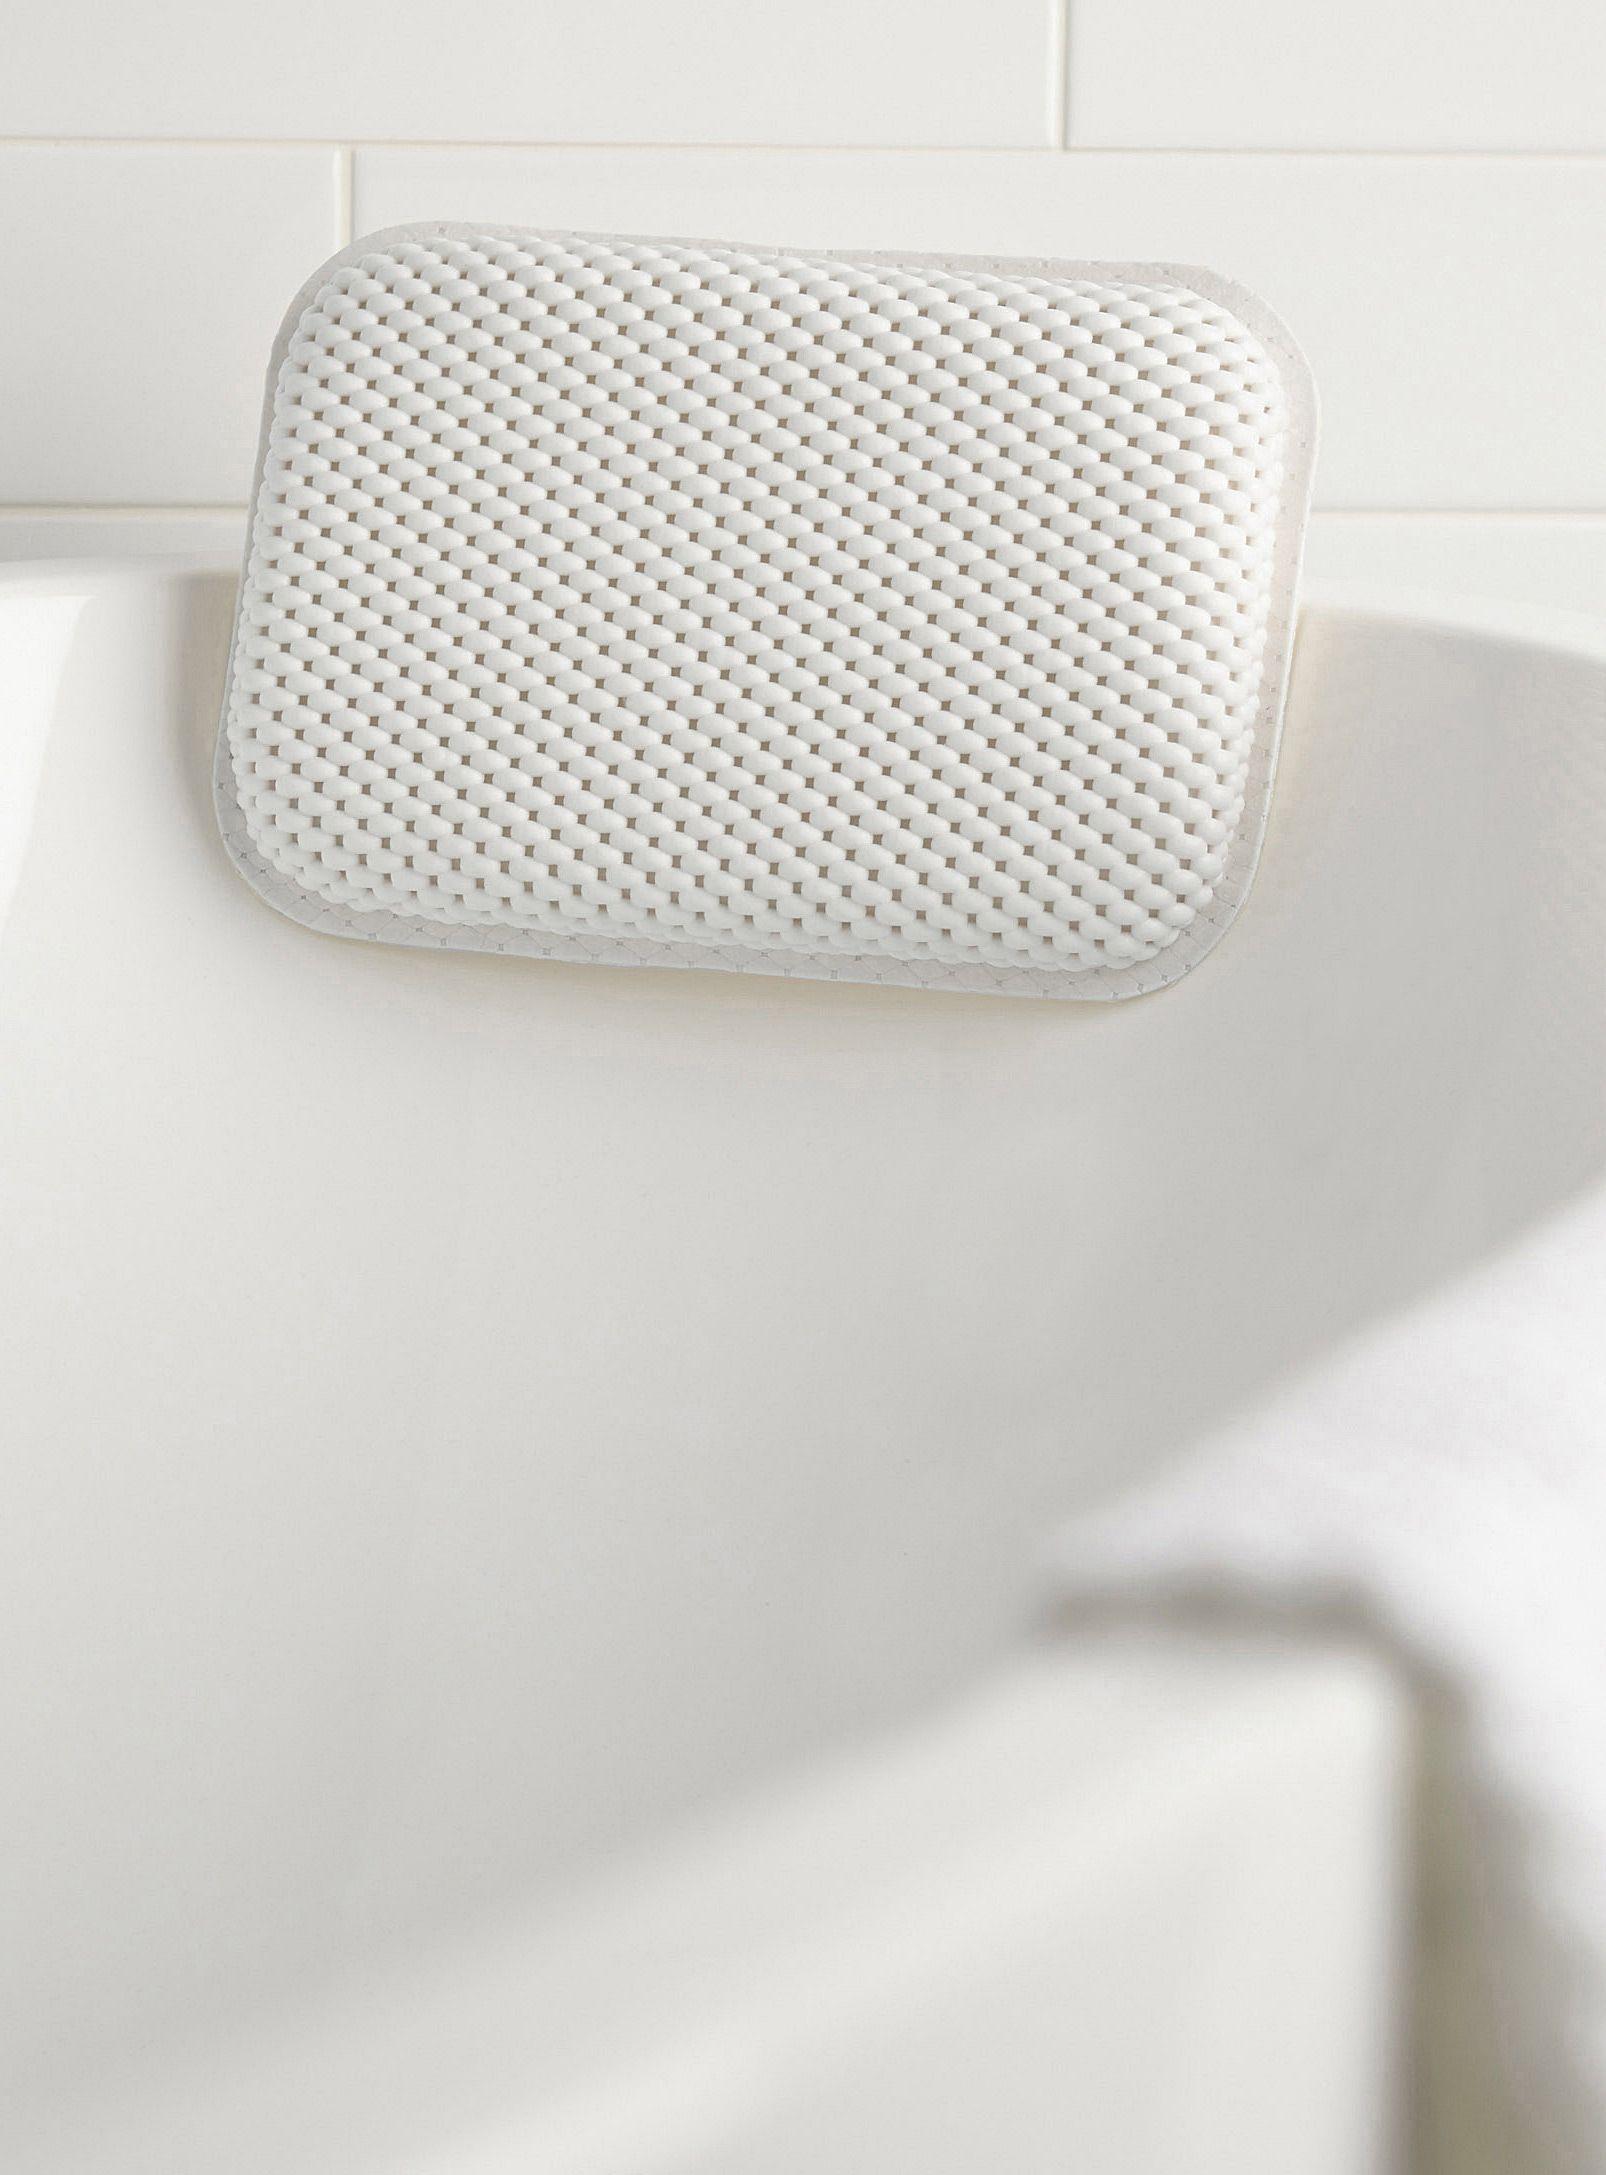 Foam bath pillow | Simons Maison | Shop Bath Accessories Online in ...